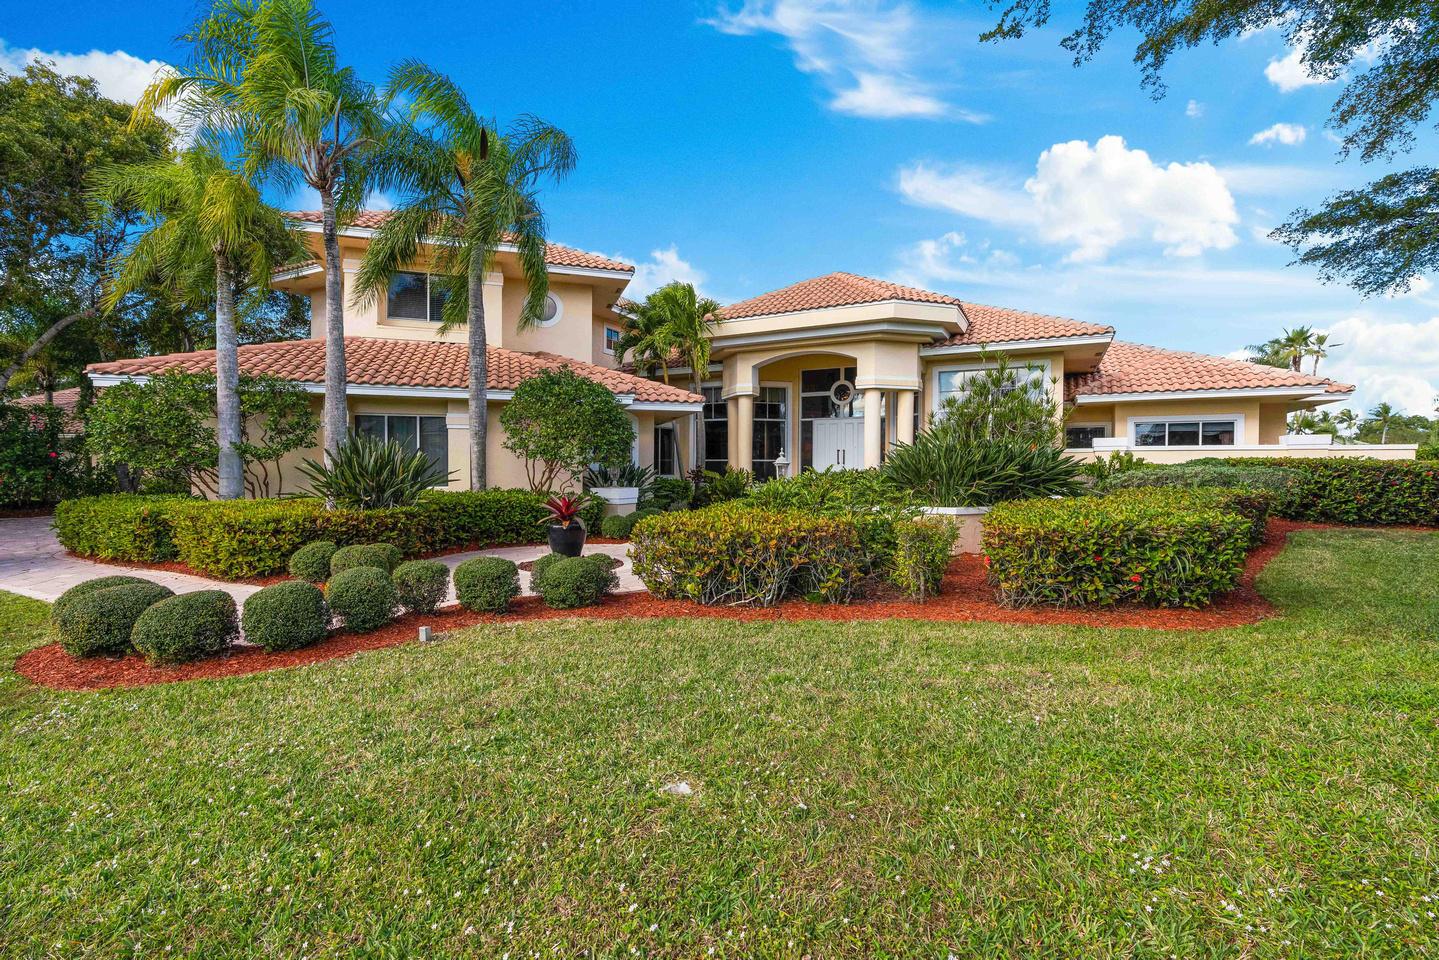 Photo of 97 Sandbourne Lane, Palm Beach Gardens, FL 33418